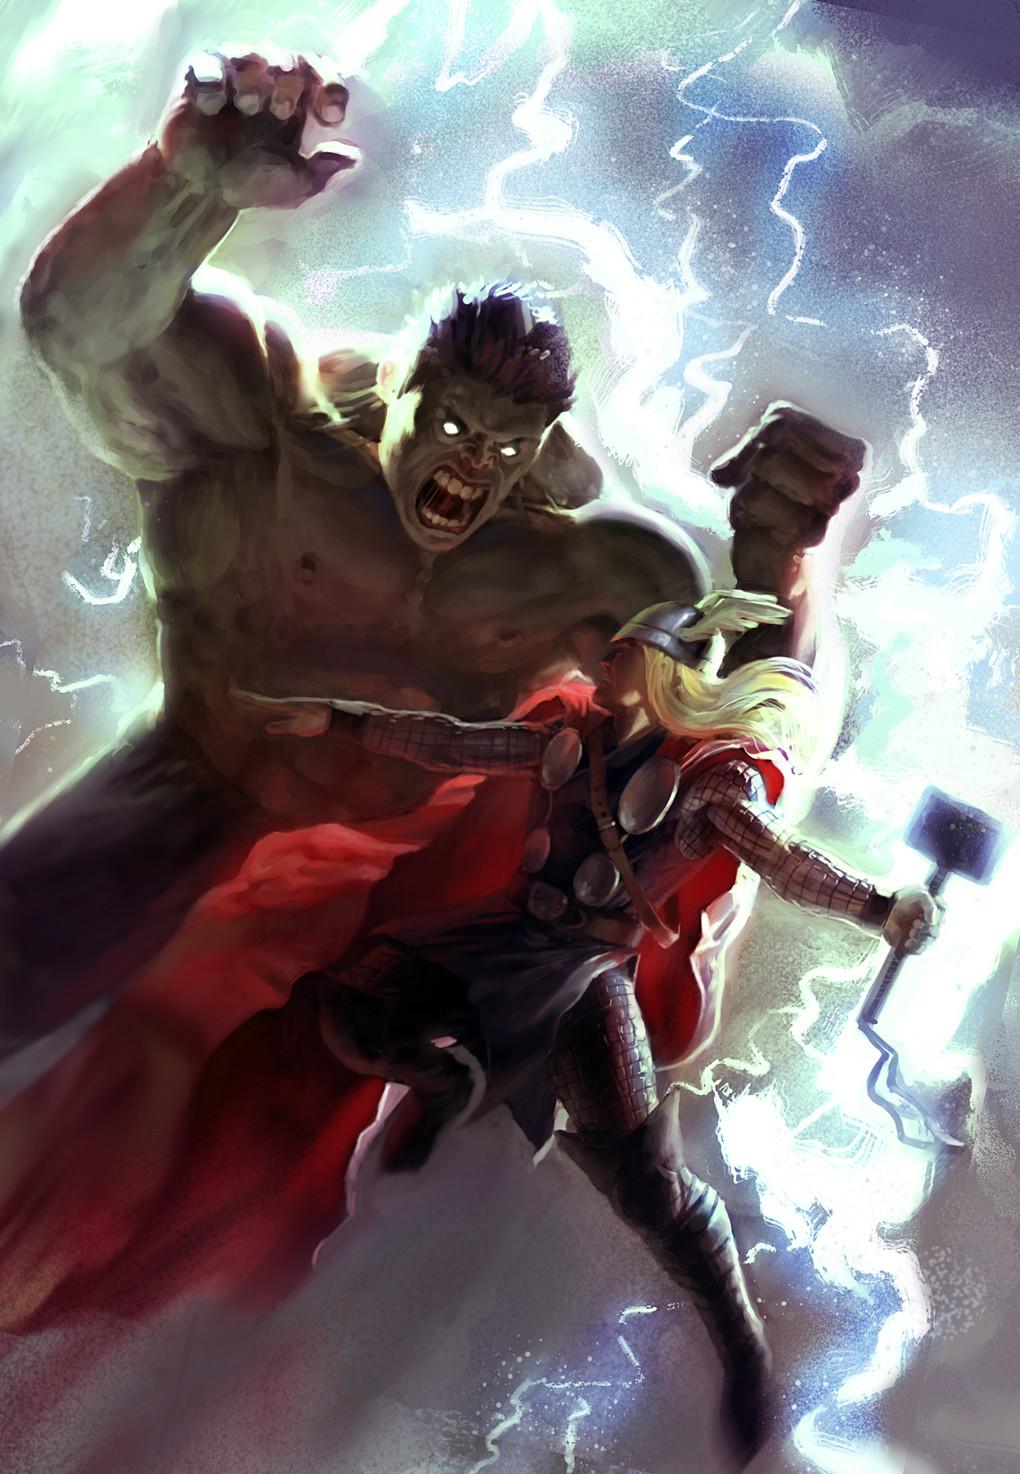 Daniel clarke thor vs hulk